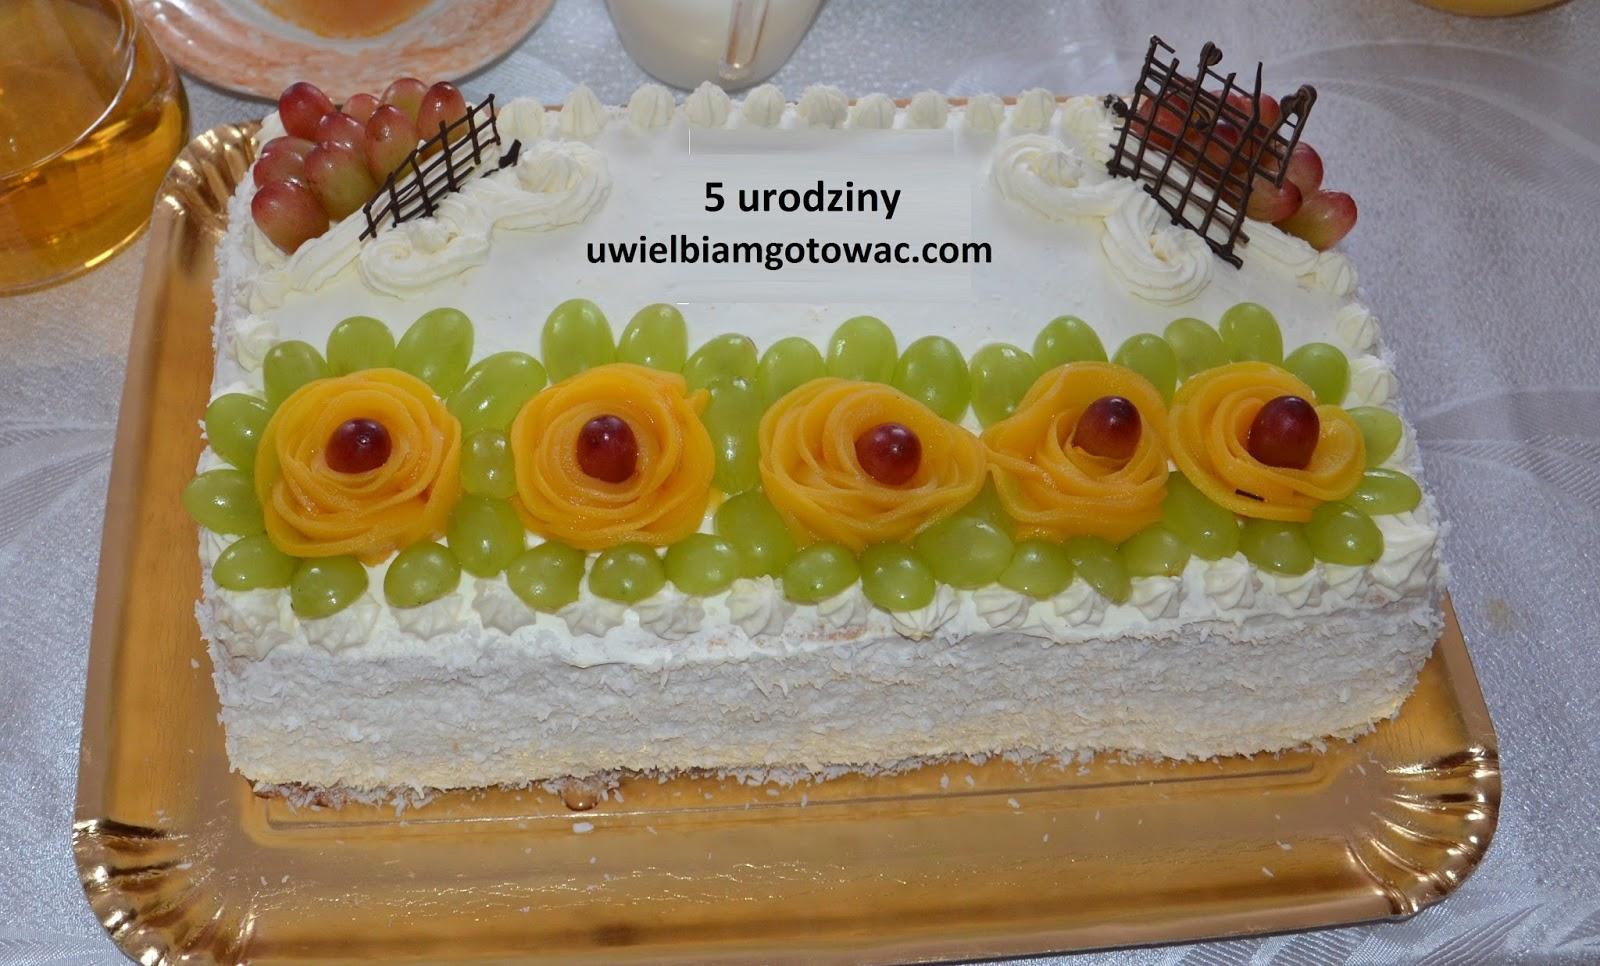 5 urodziny bloga uwielbiamgotowac.com